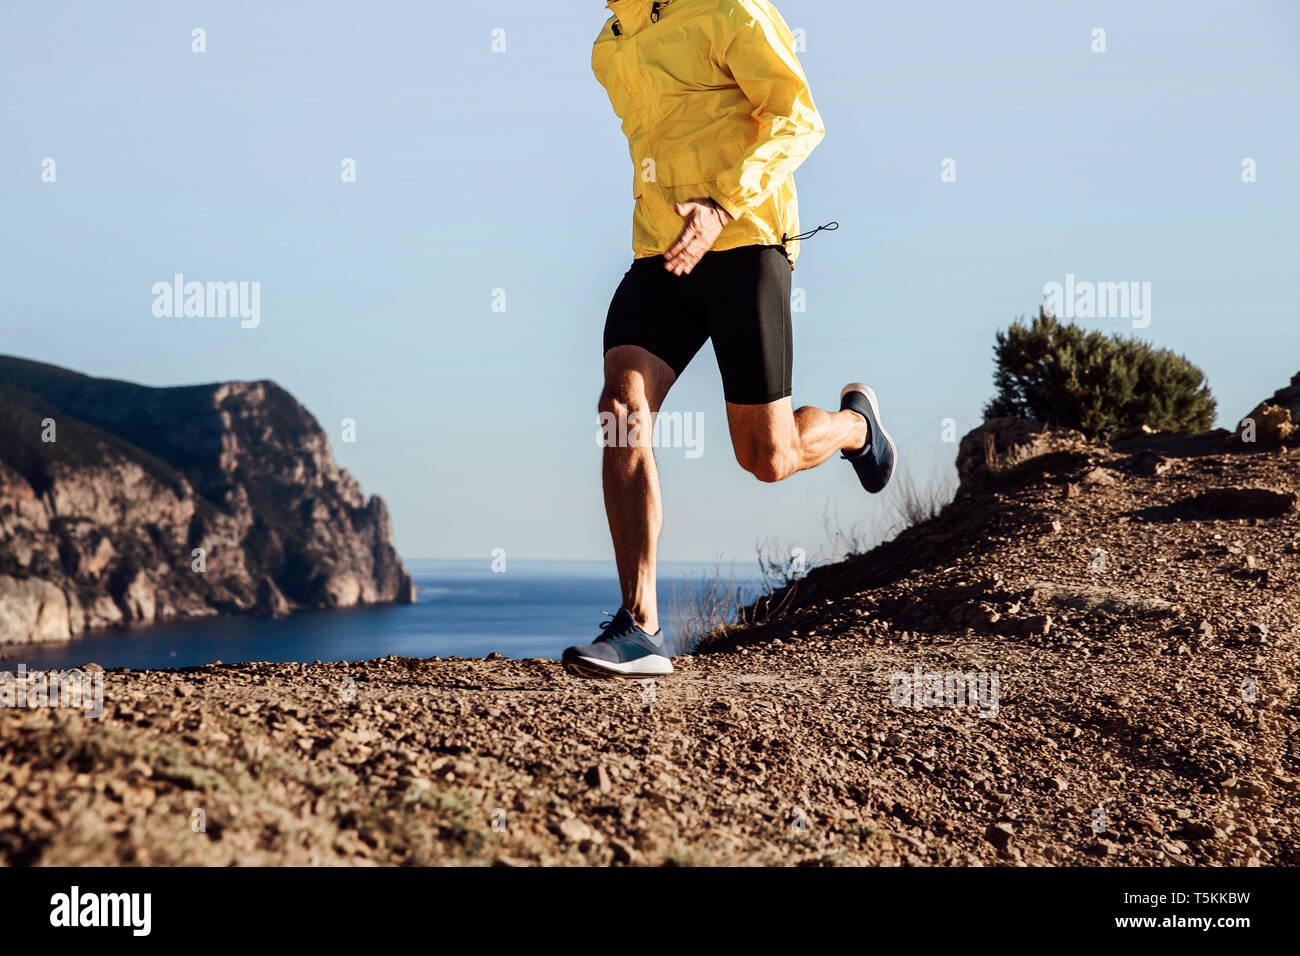 Deslizadera macho ejecuta sendero de montaña en la chaqueta amarilla Foto de stock